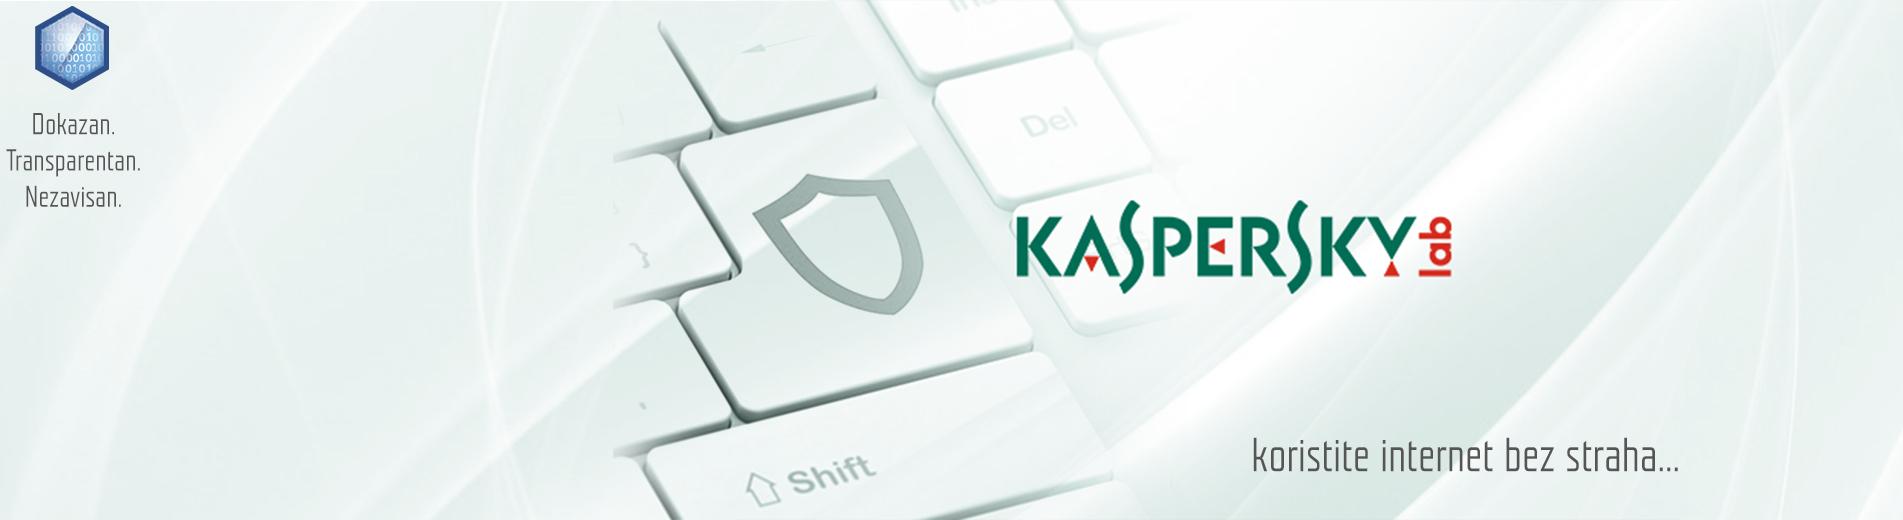 KasperskyAV